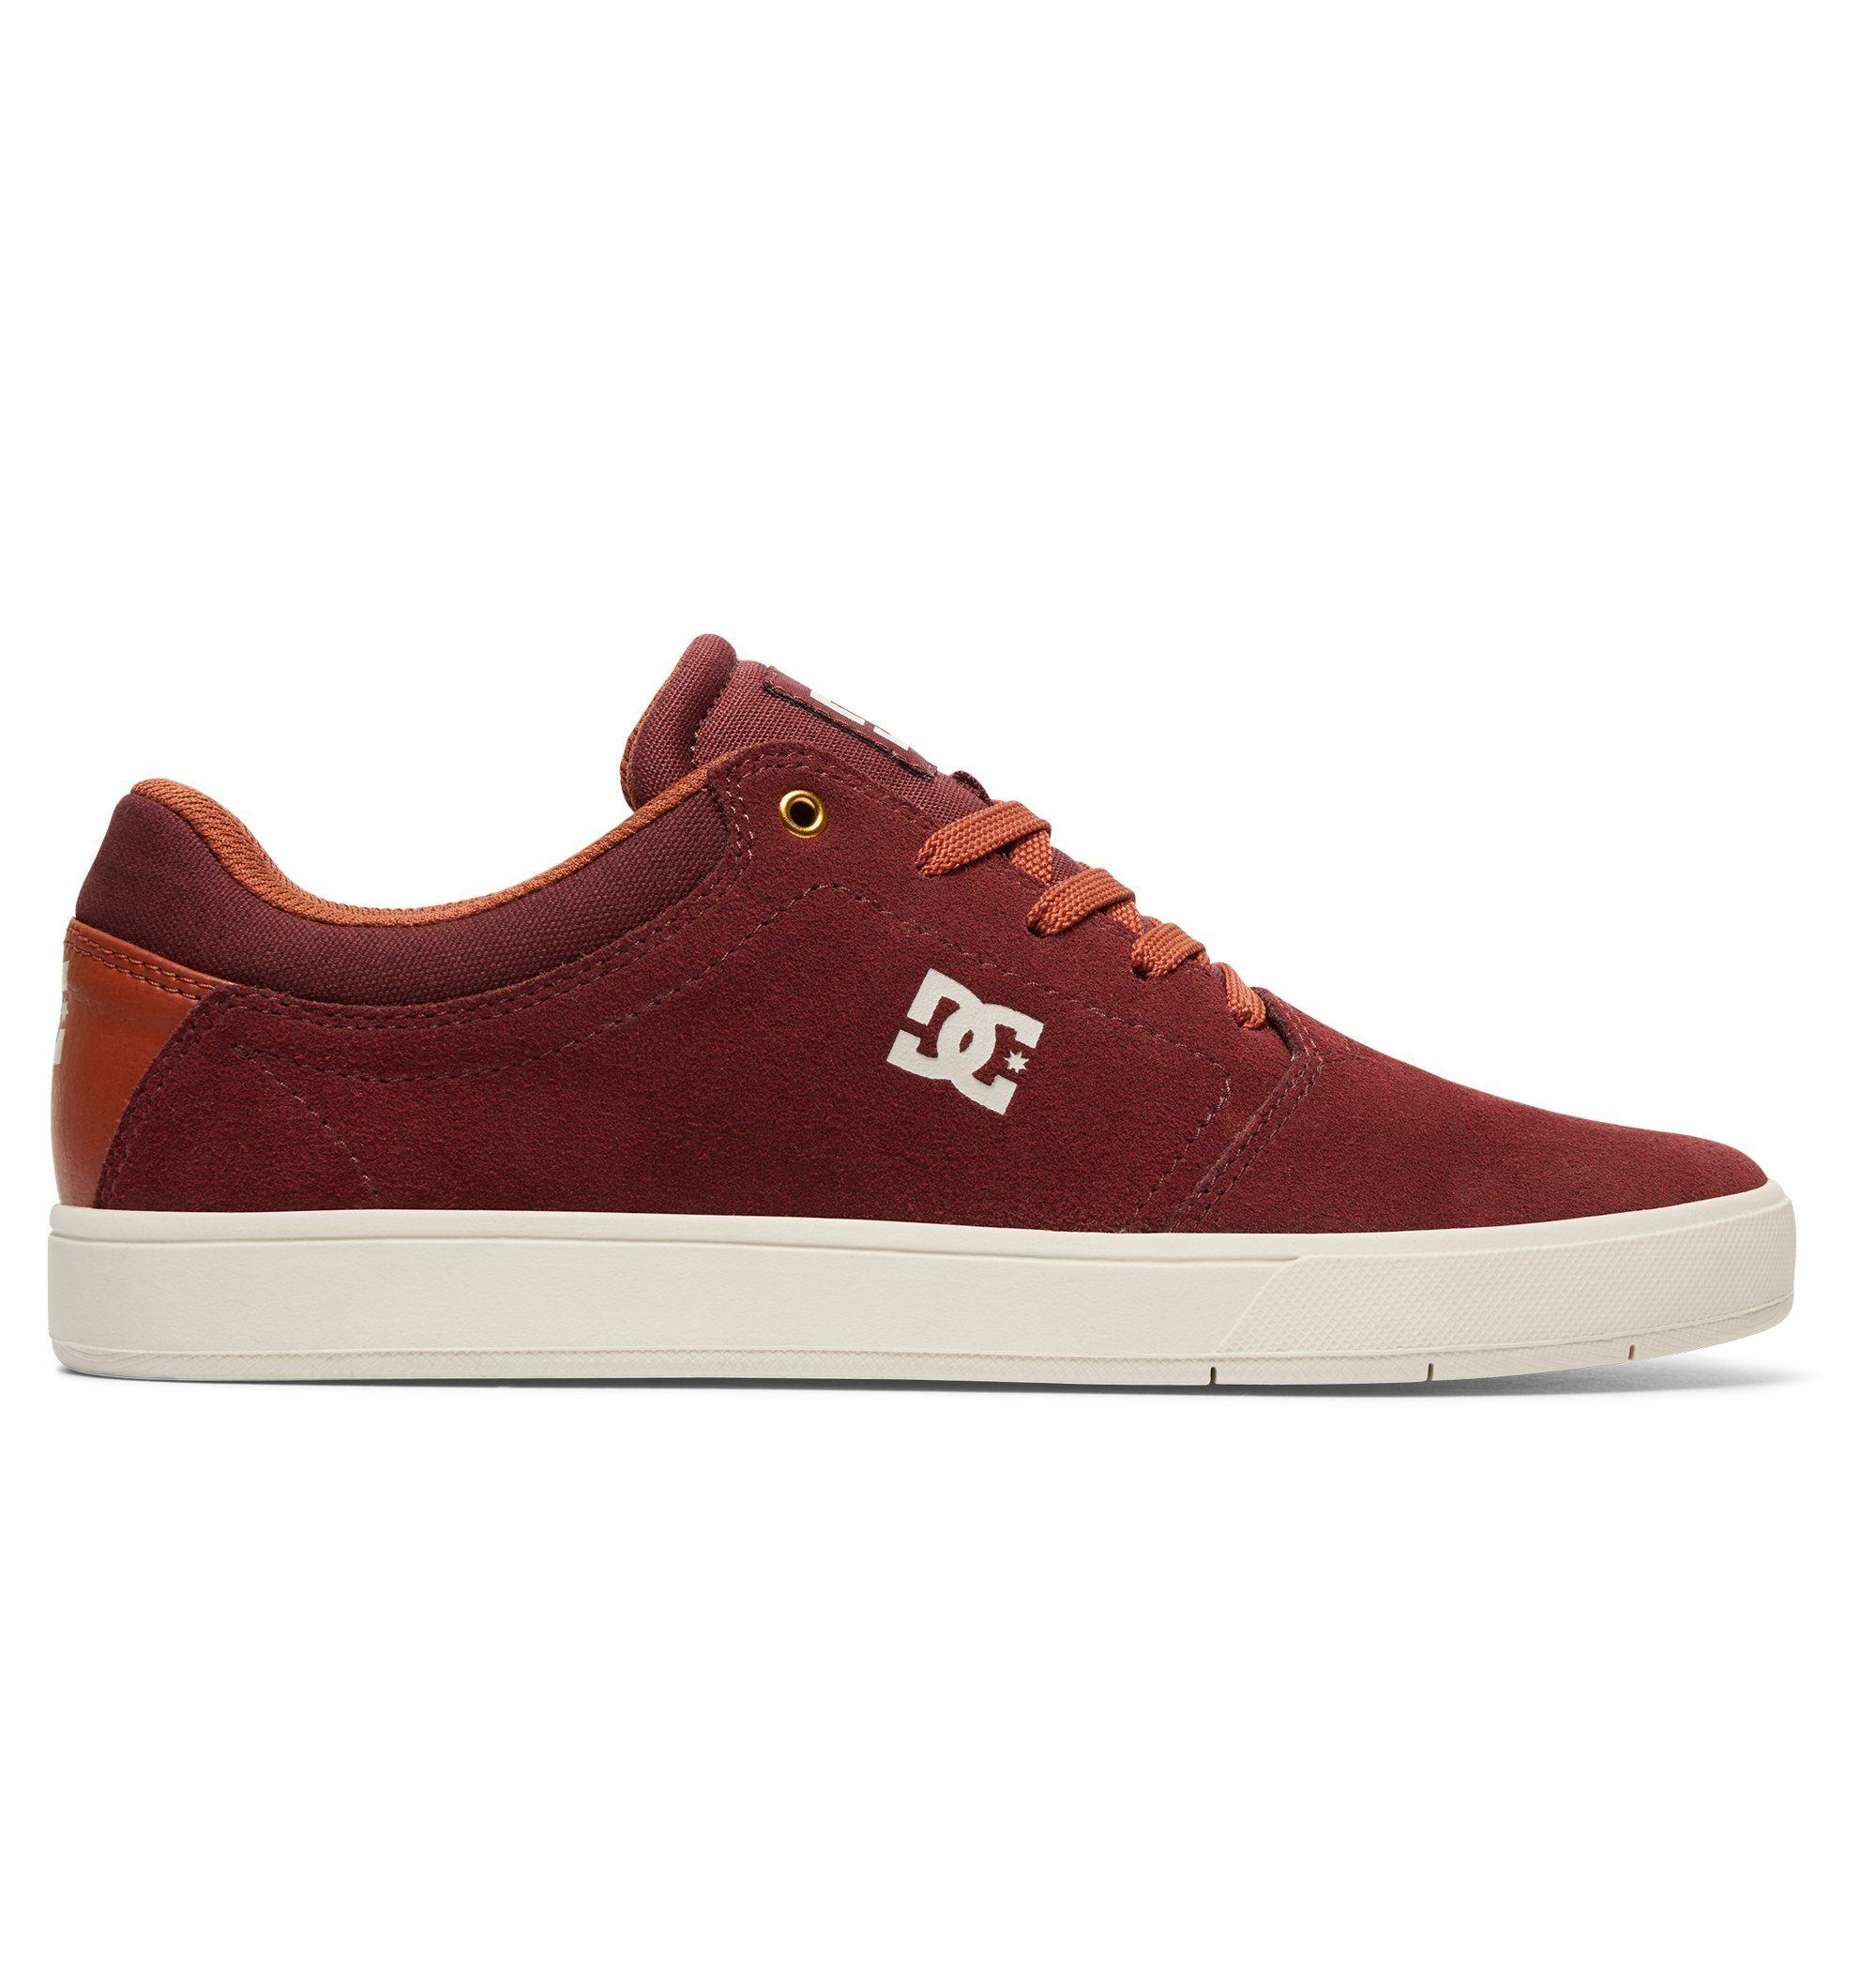 Dc Chaussures Chaussures Rouges Tonik Pour Les Hommes Ys93Xi